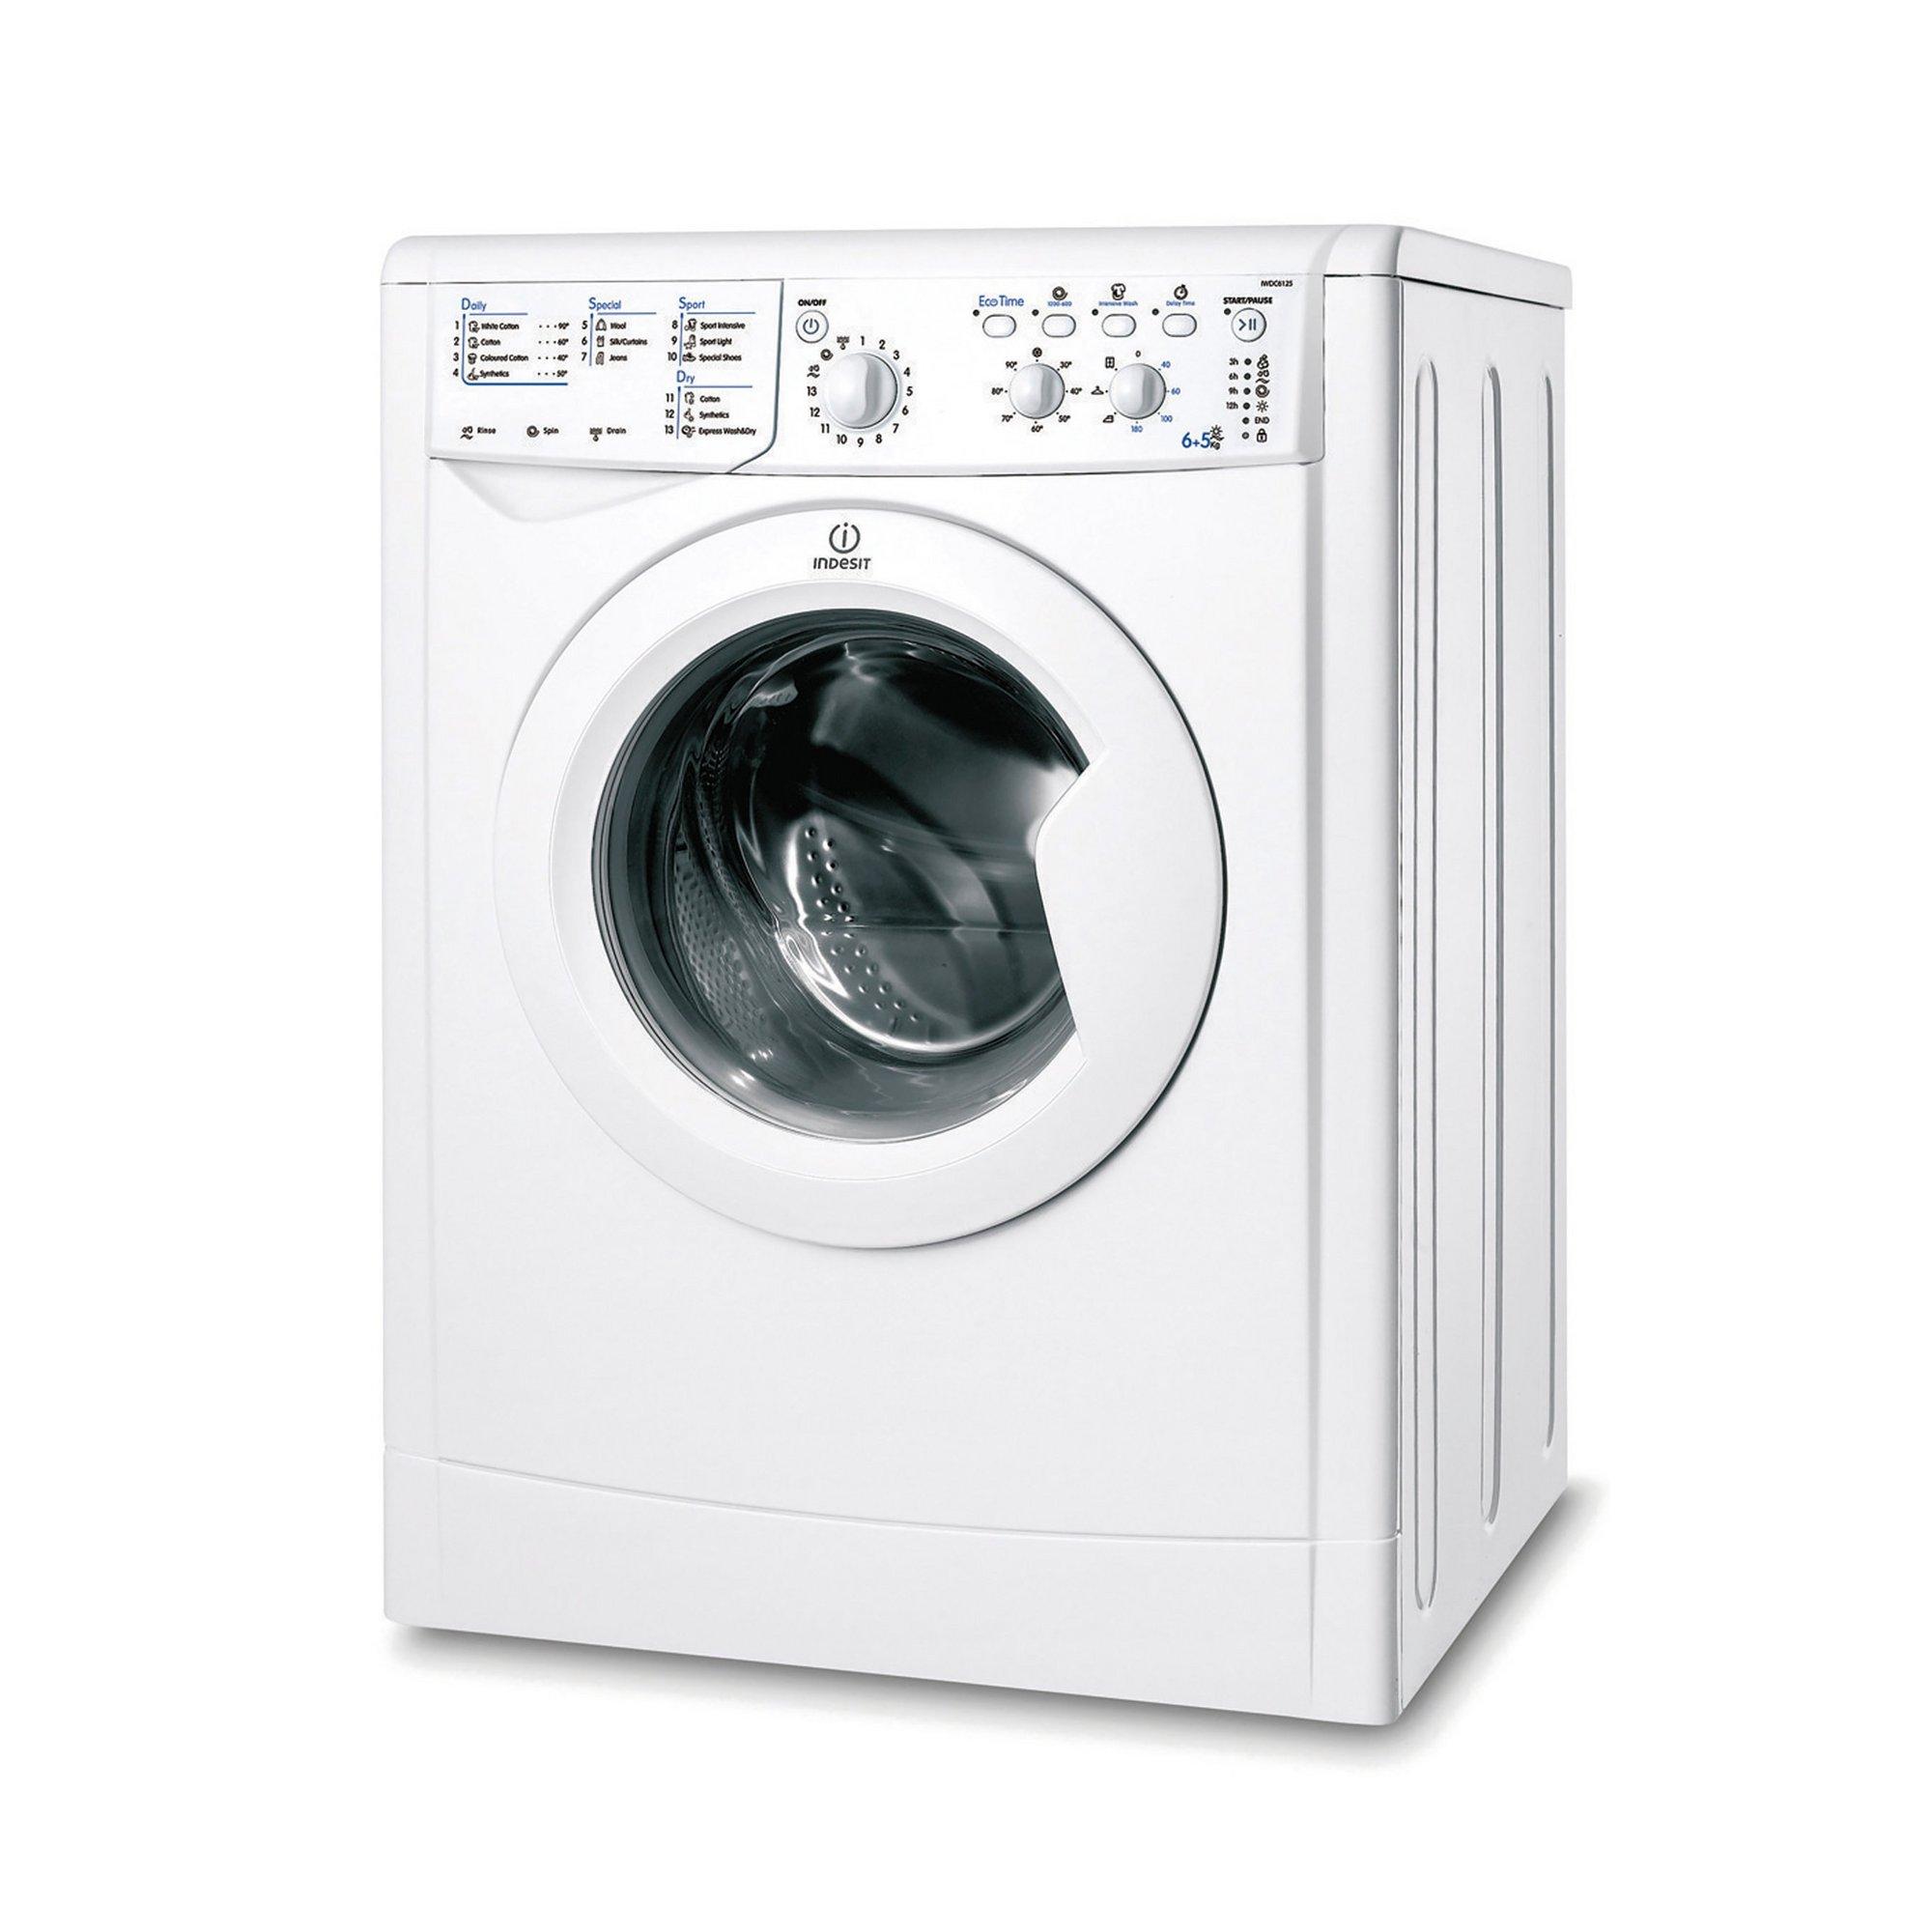 Image of Indesit 6kg + 5kg 1200 Spin Washer Dryer